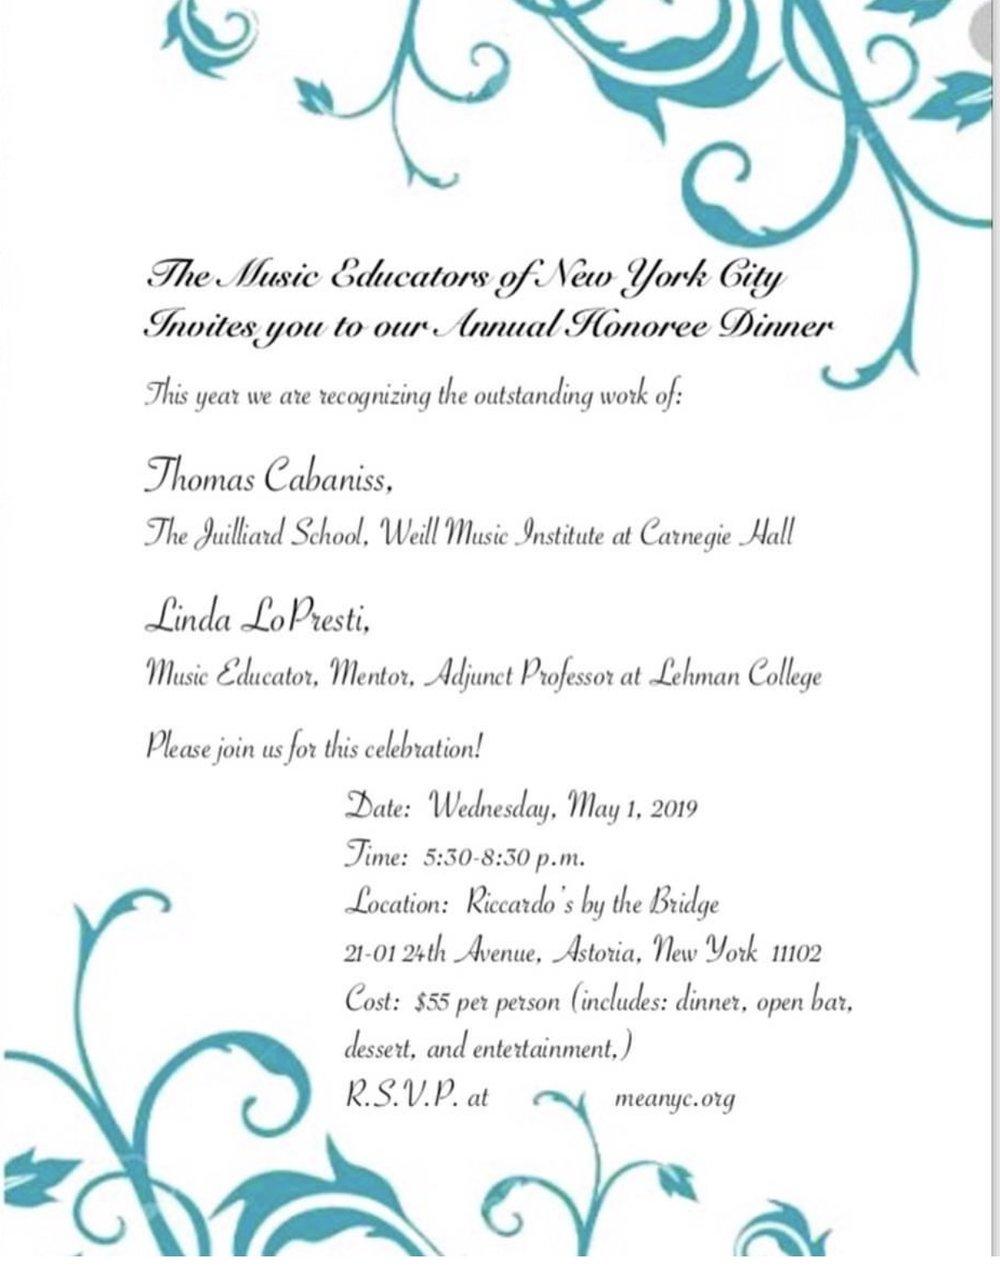 Click Image to View Invite